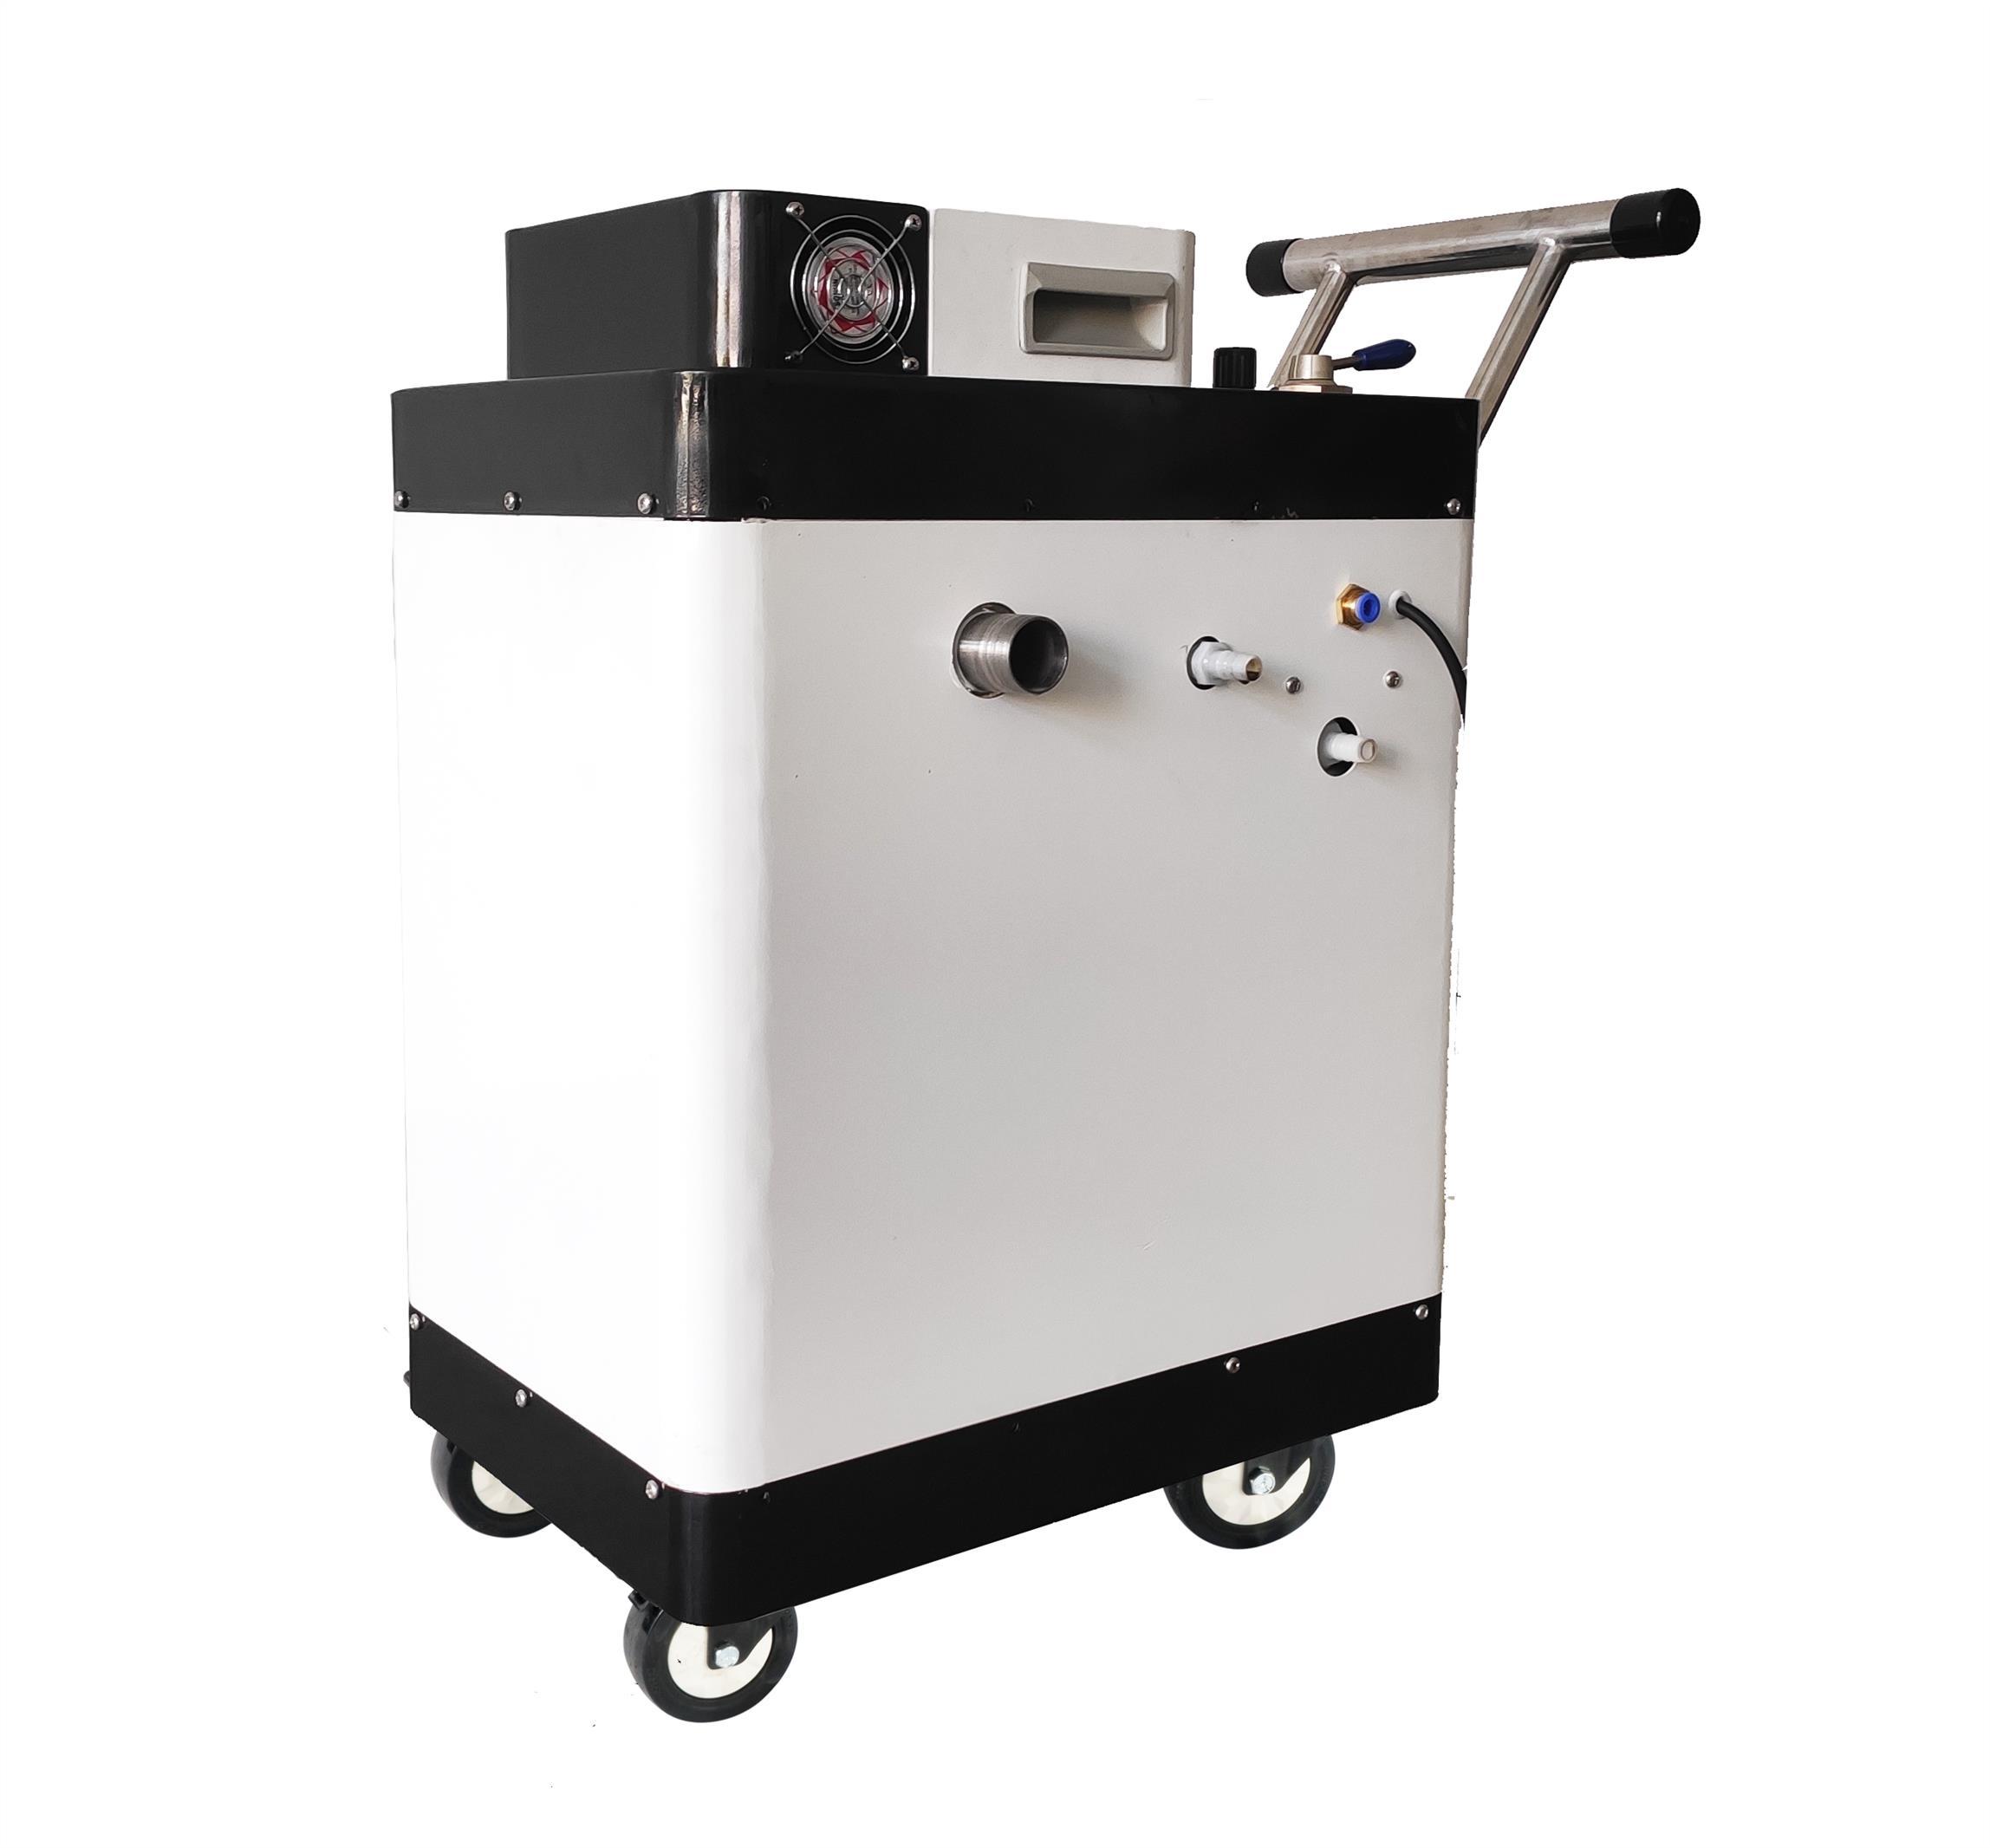 宁波加工中心油水分离器 油水分离装置 工艺精良 性能优异